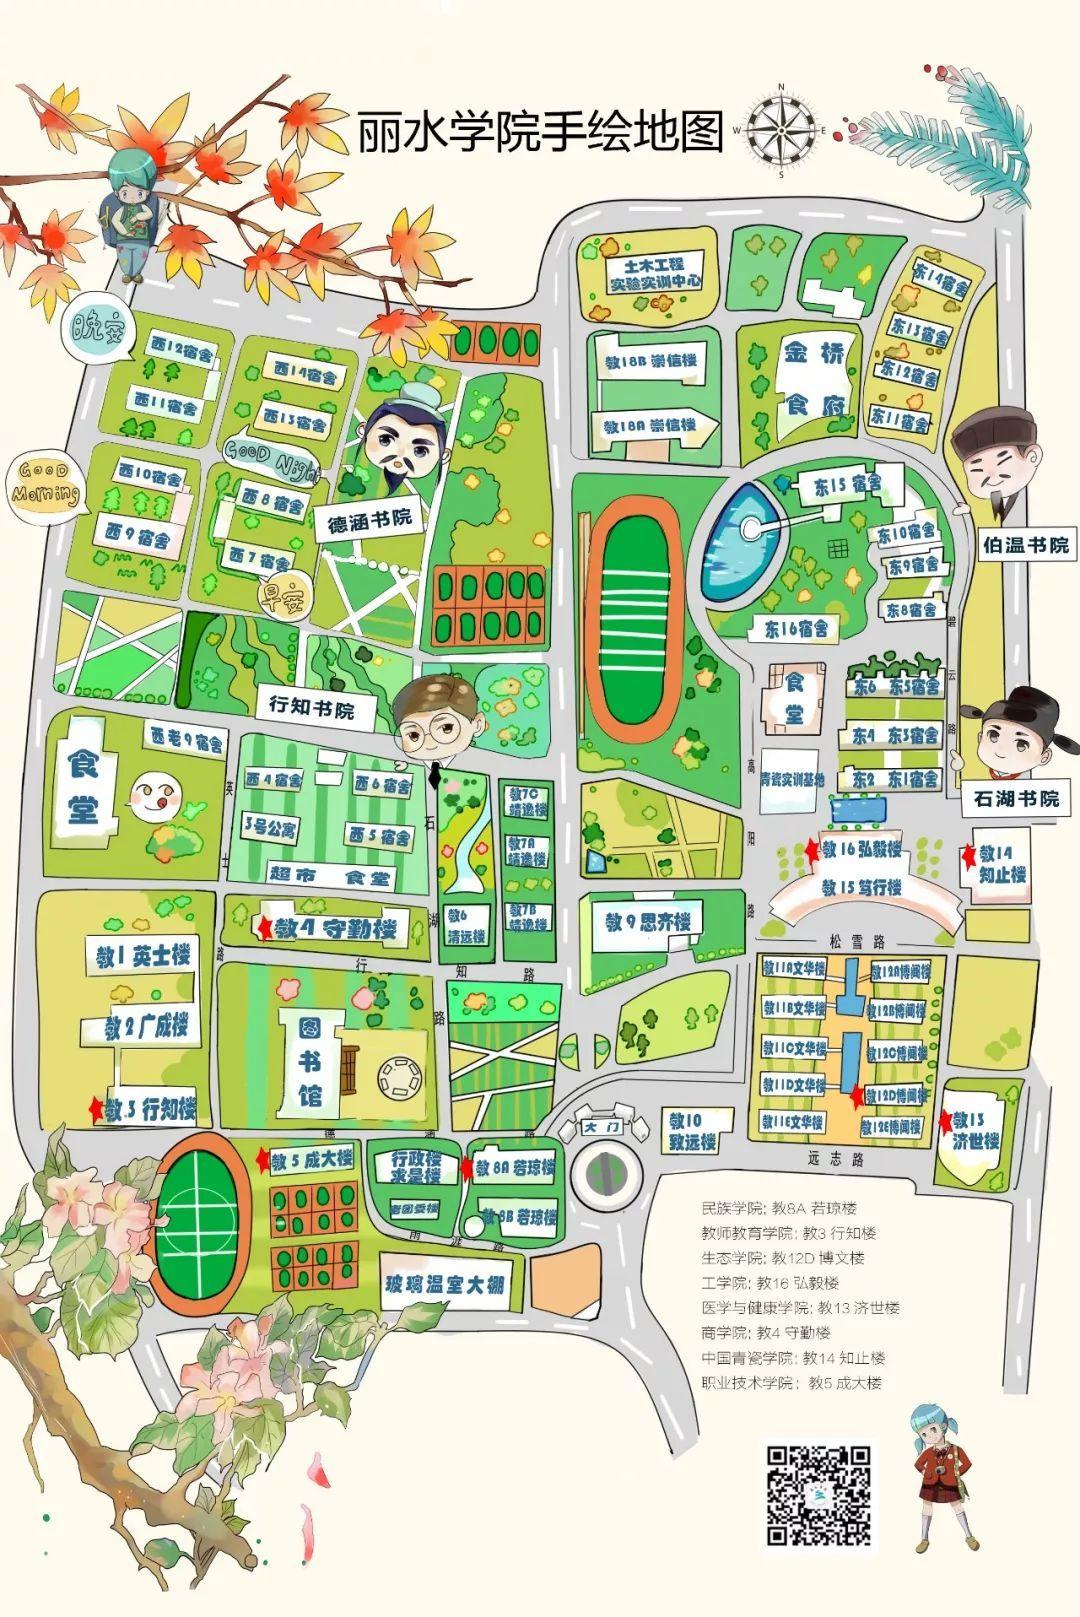 丽水学院手绘地图安排了!_搜狐游戏_搜狐网